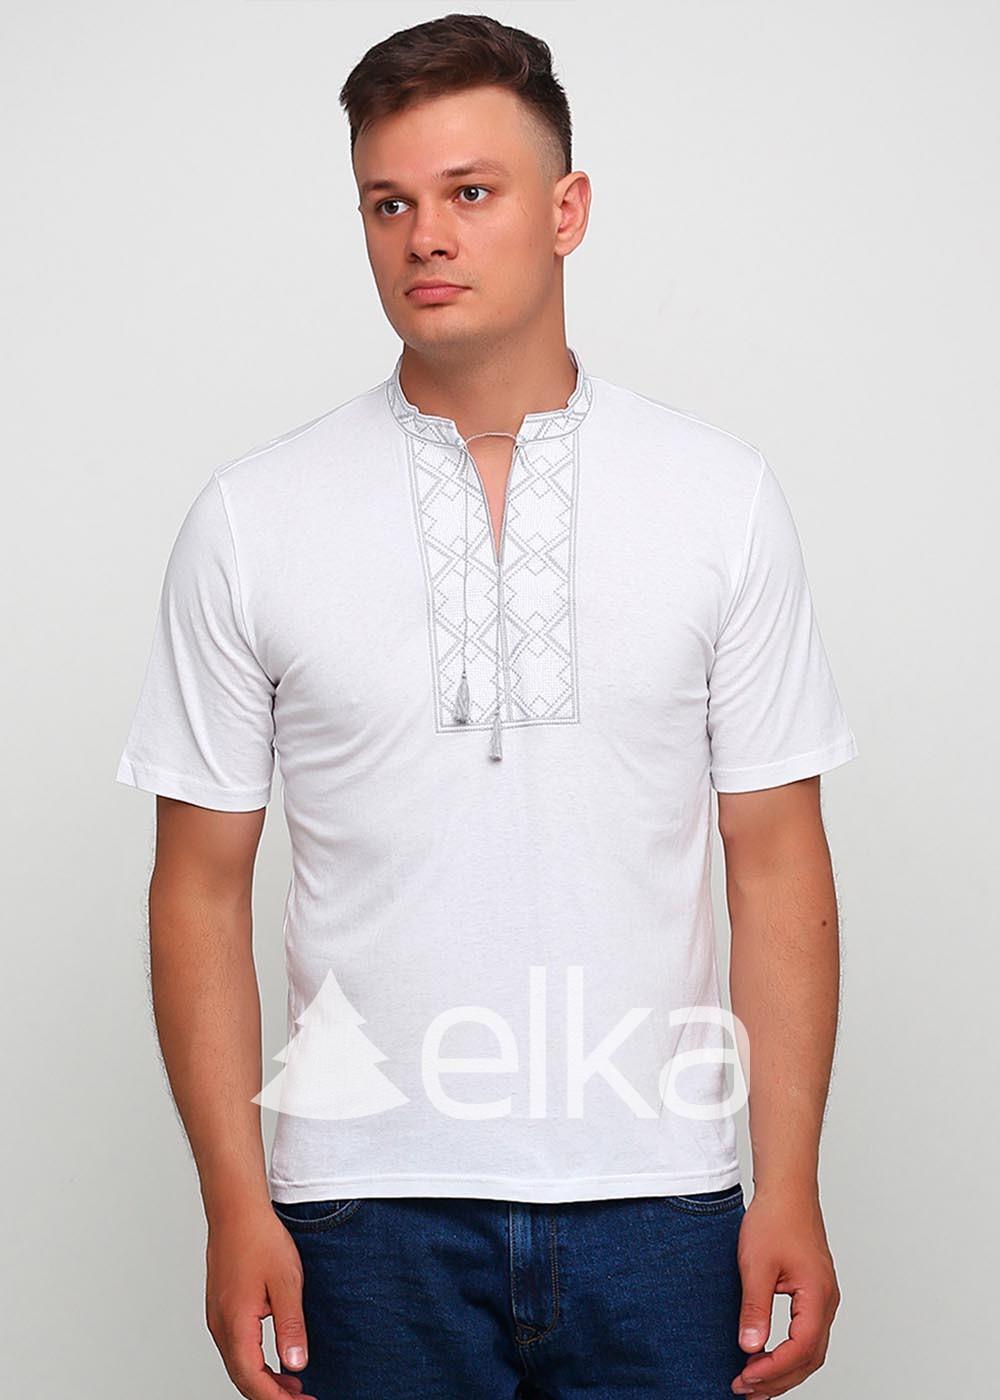 Мужская вышитая футболка Народная